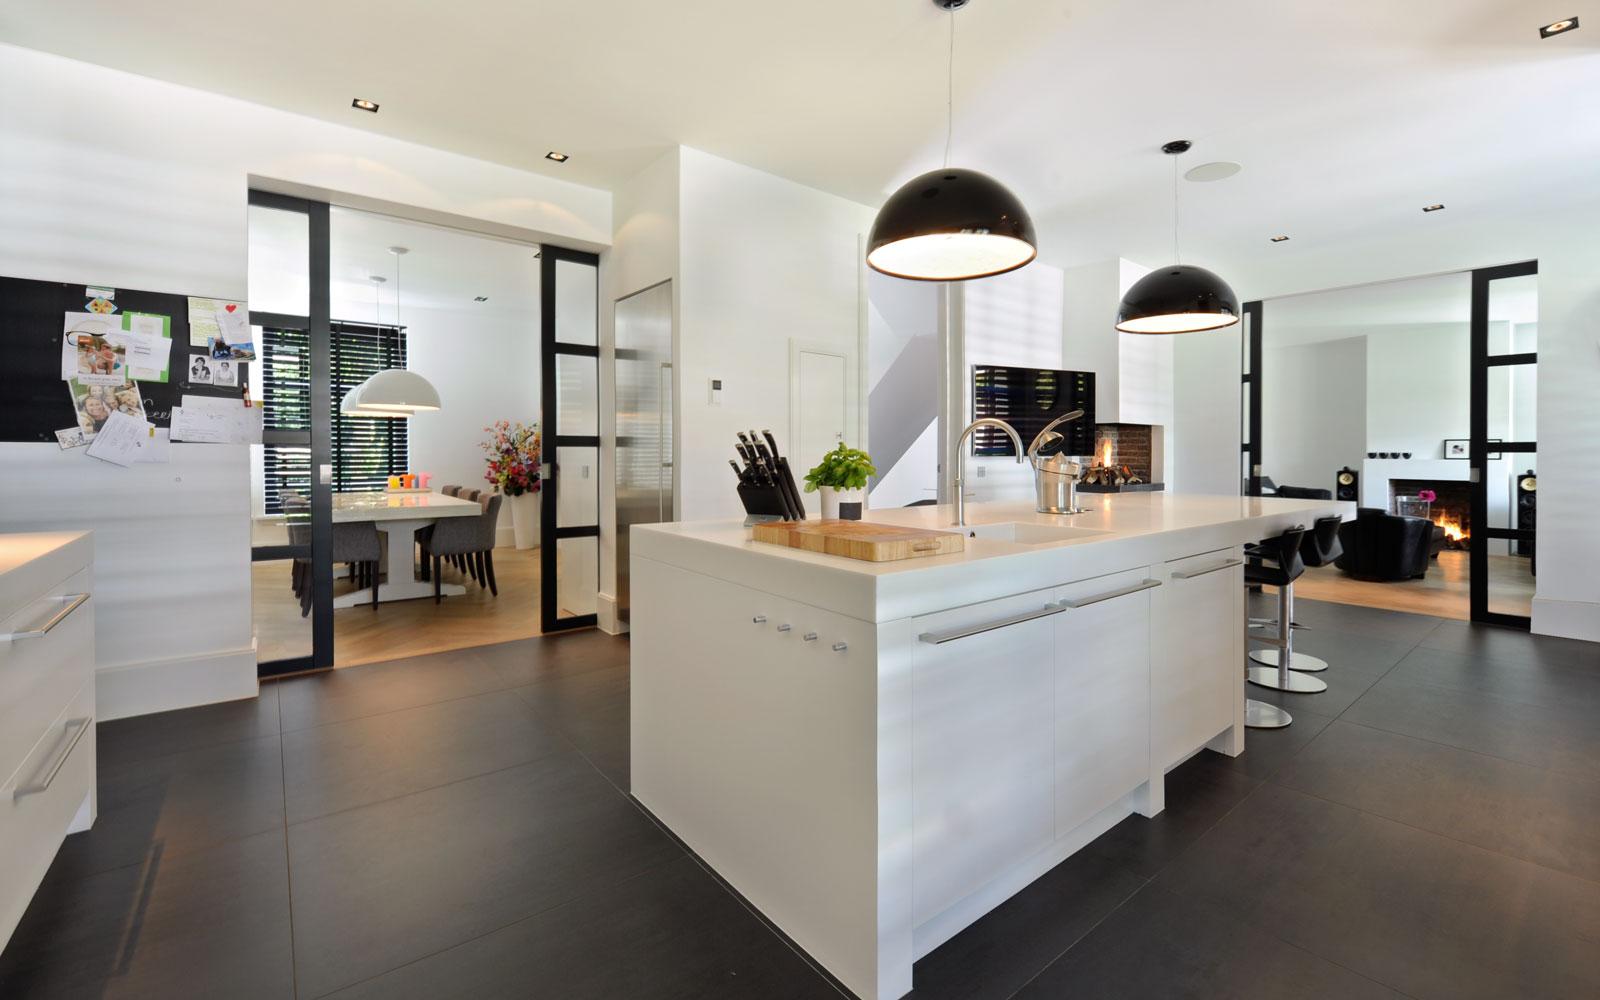 Keuken, kookeiland, strakke witte keuken, maatwerk, witte droomvilla, Gerben van Manen